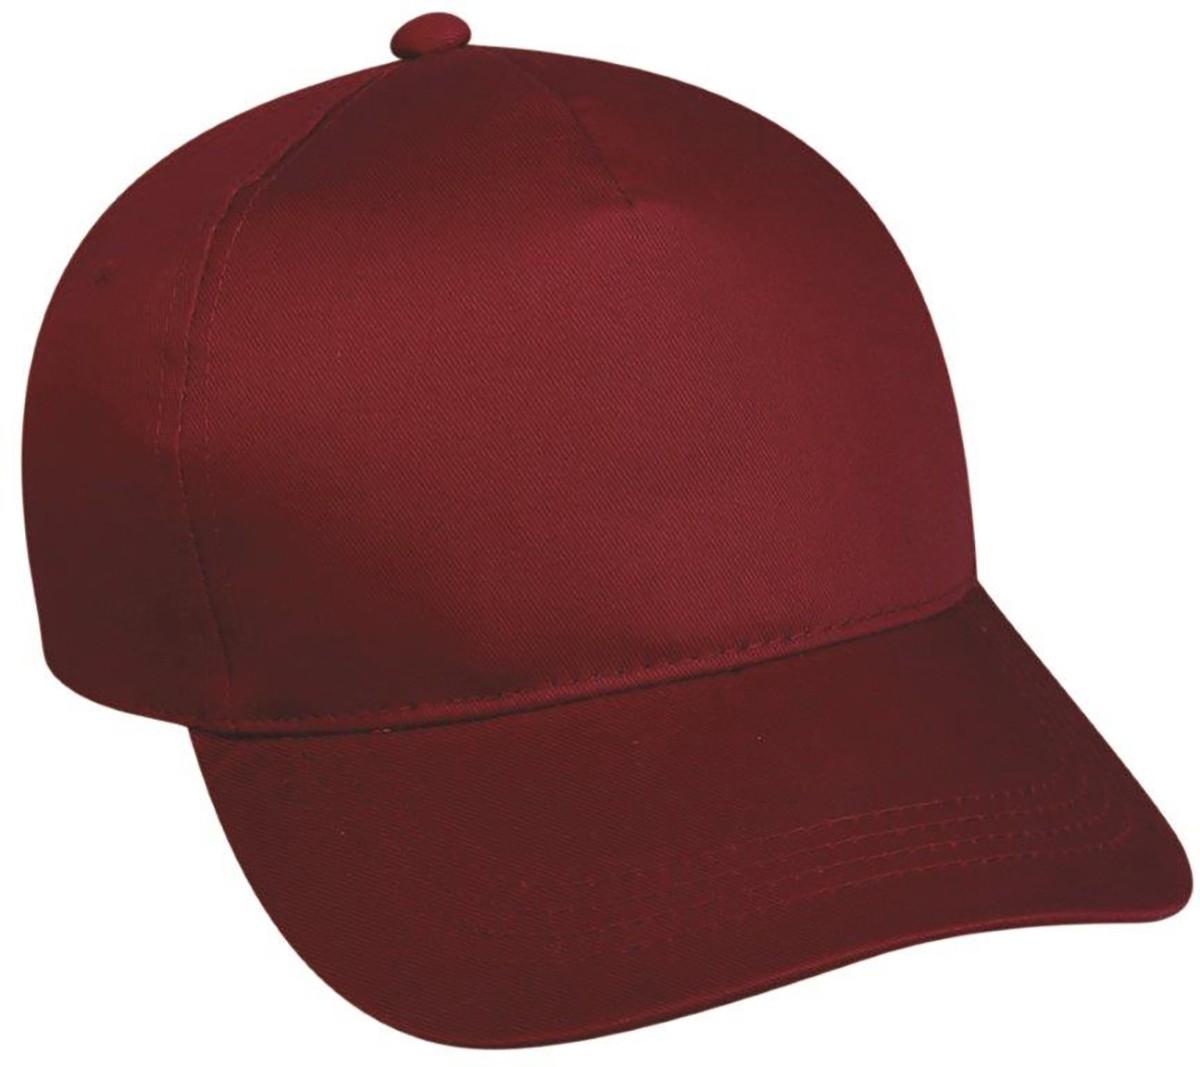 Outdoor Cap 5-Panel Baseball Cap w  Plastic Snap Closure a34a617289a